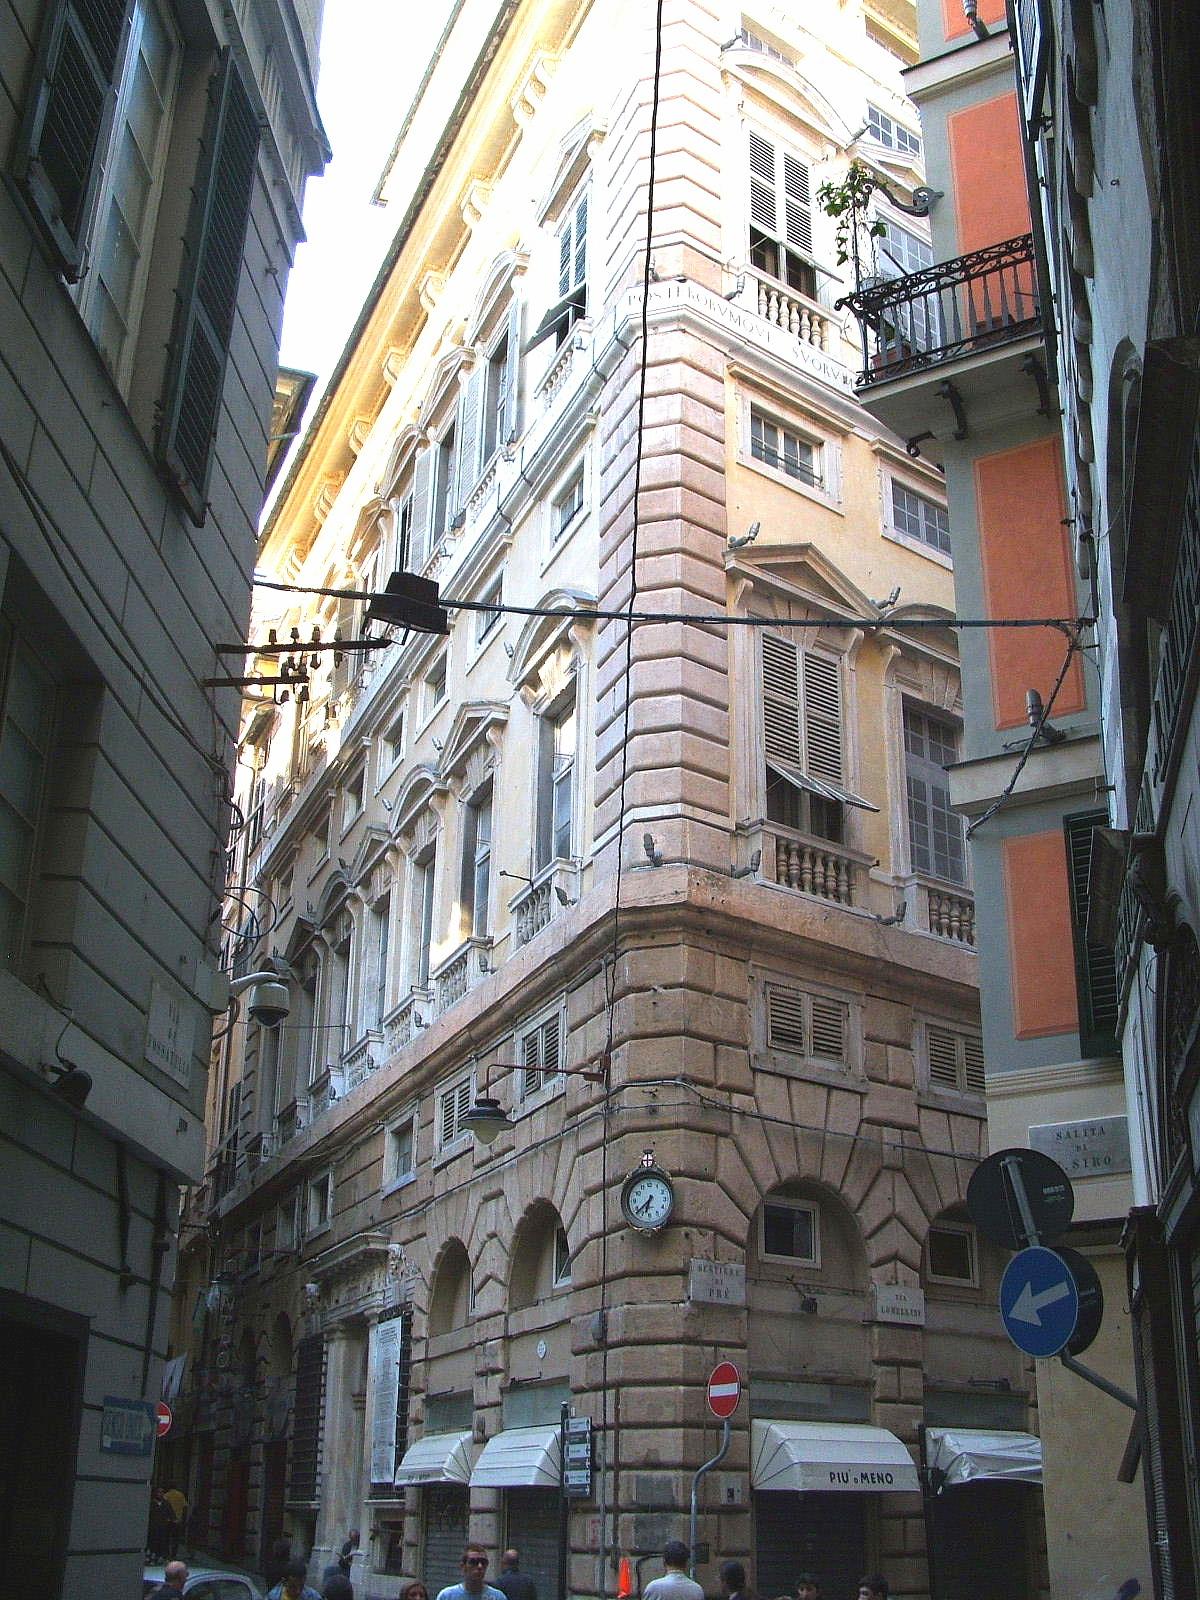 Description Genova-Centro storico-Piazza Fossatello-DSCF7490.JPG